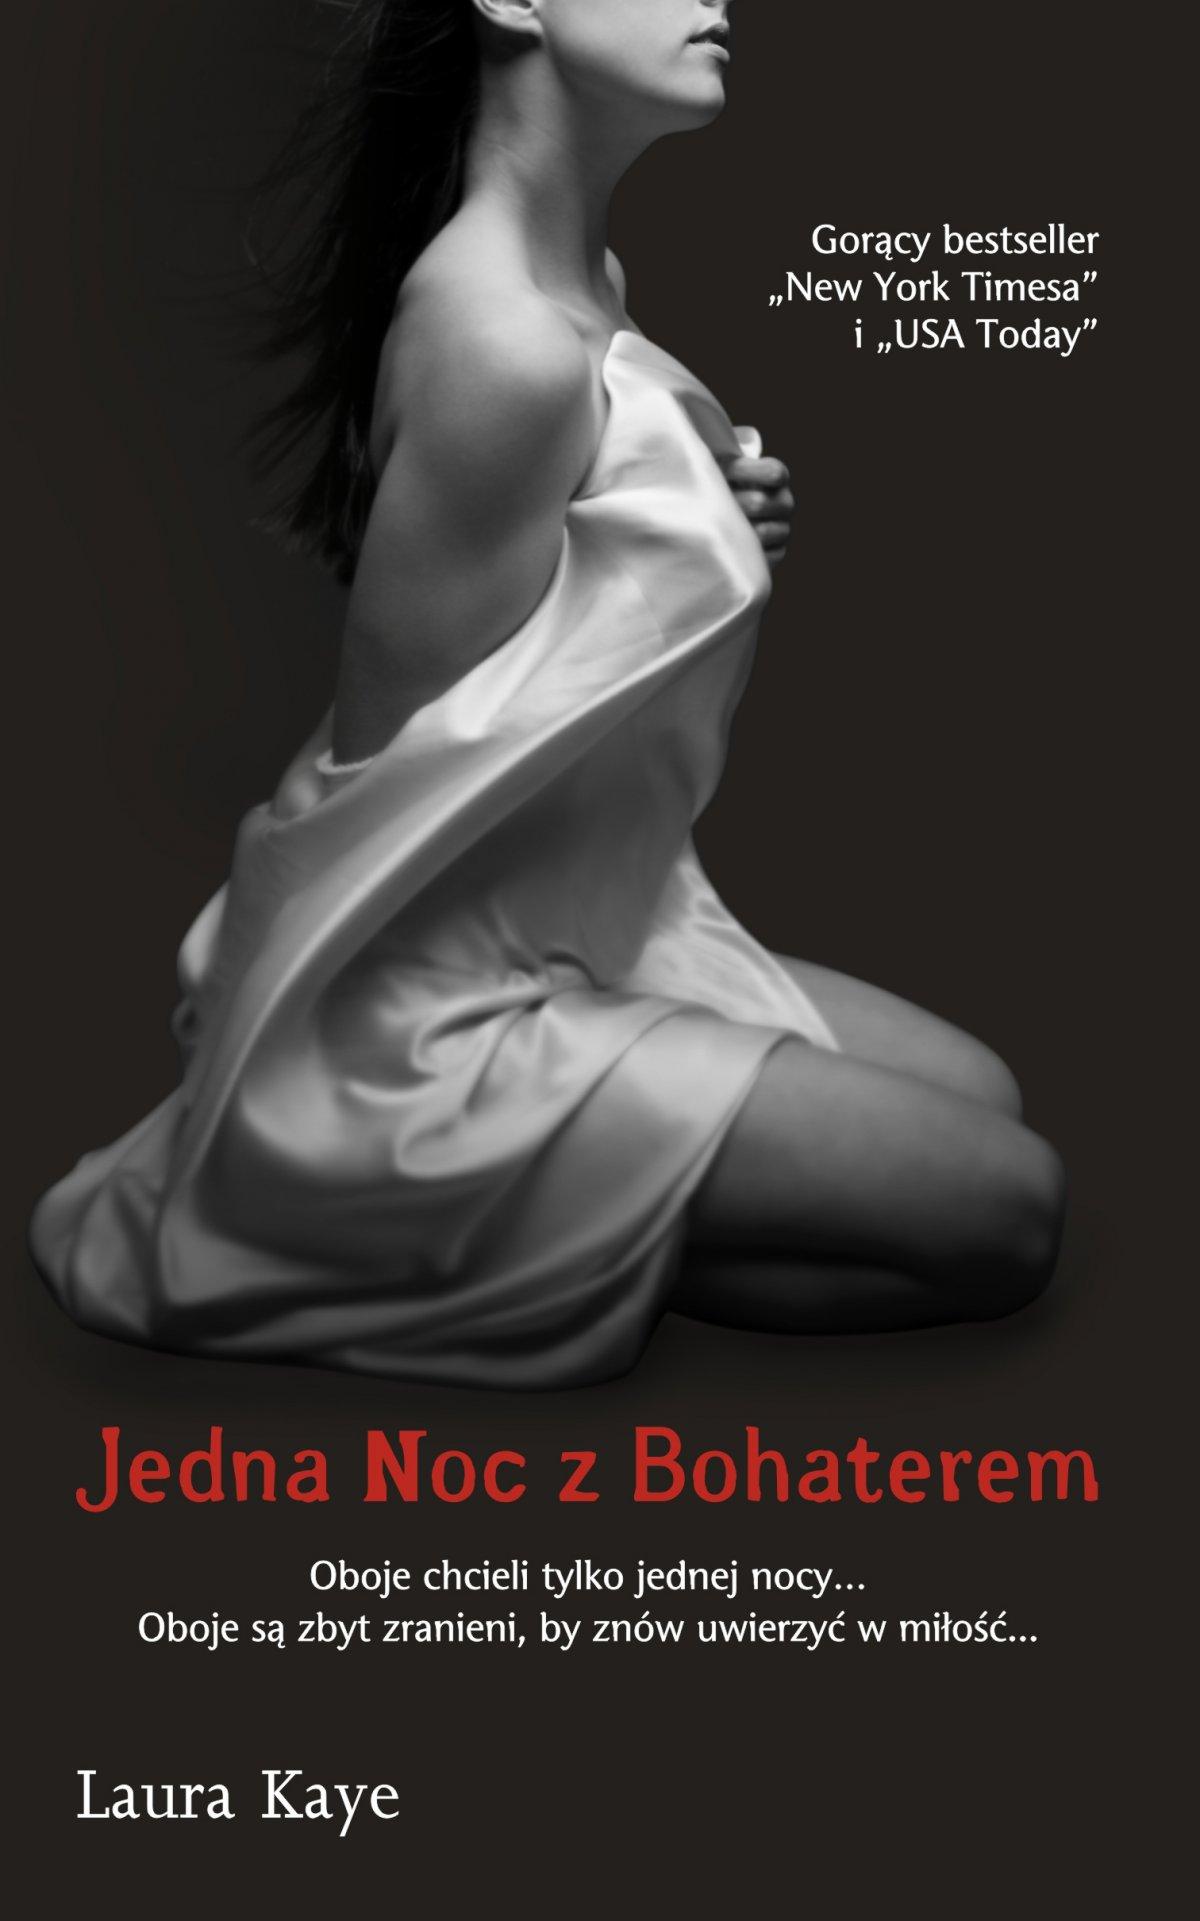 Jedna noc z bohaterem - Ebook (Książka EPUB) do pobrania w formacie EPUB